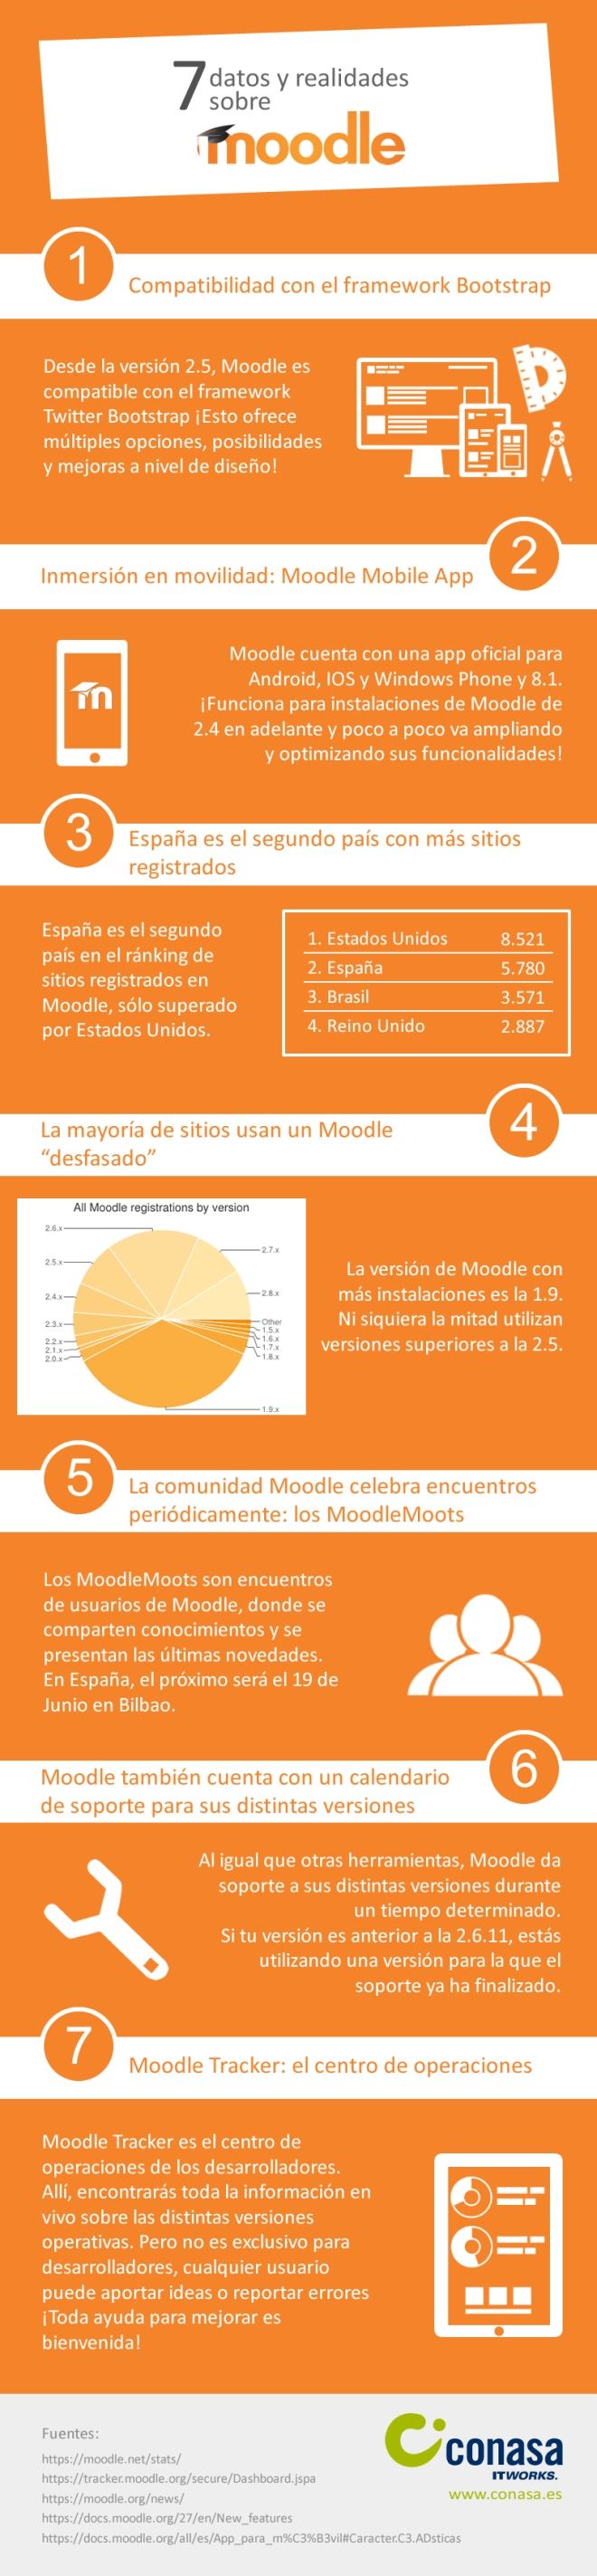 04_infografia_moodle